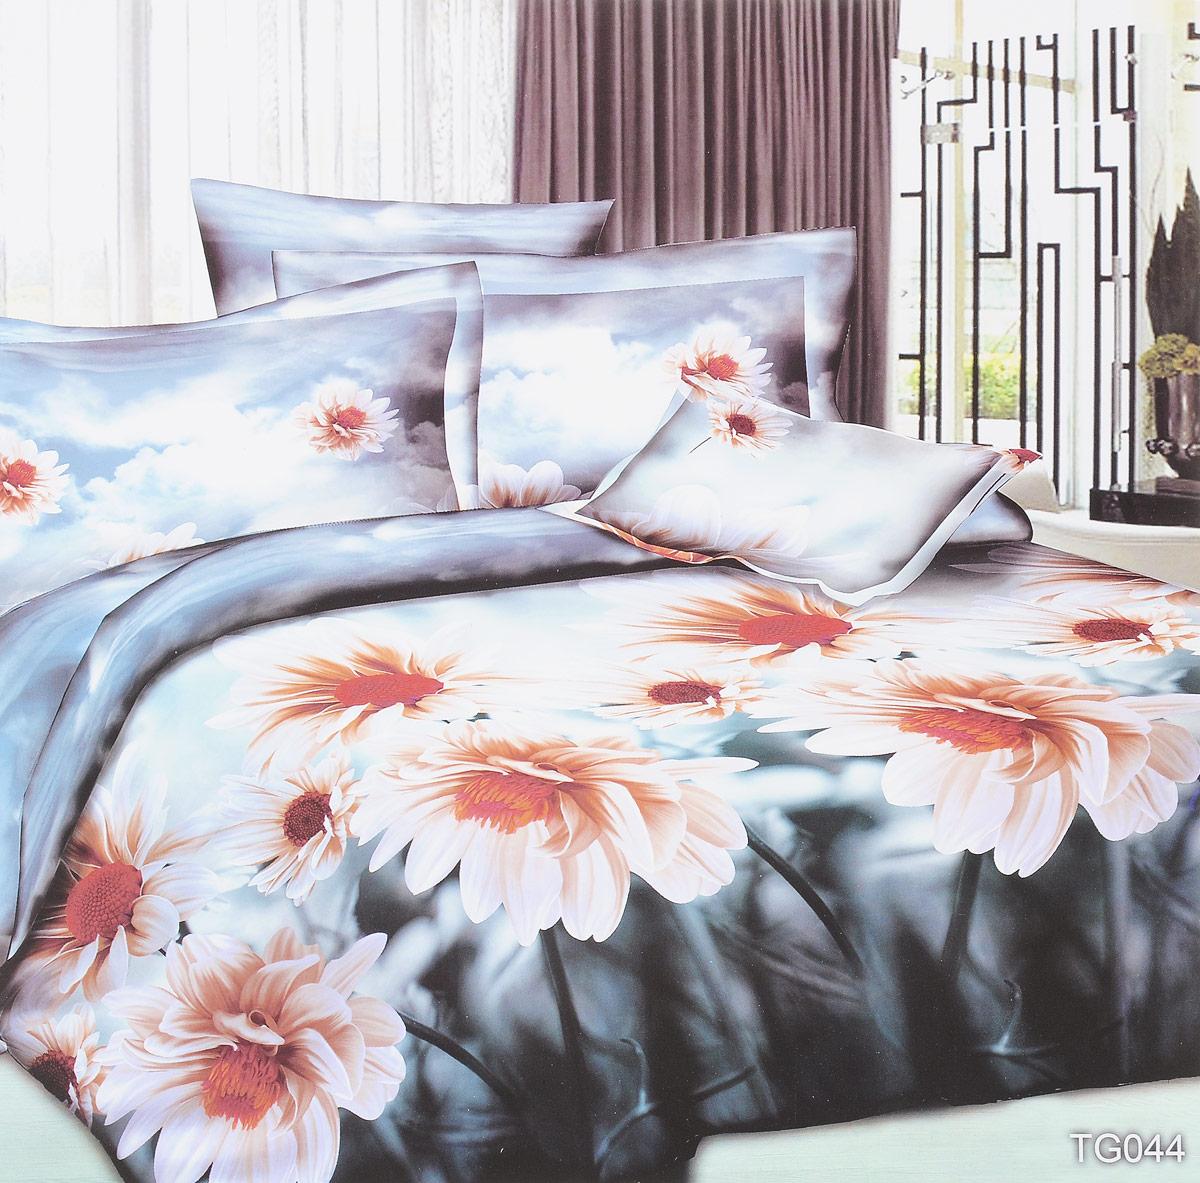 Комплект белья ЭГО Адель, 2-спальный, наволочки 70 x 70, цвет: серый391602Комплект белья ЭГО Адель выполнен из полисатина (50% хлопка, 50% полиэстера). Комплект состоит из пододеяльника, простыни и двух наволочек. Постельное белье имеет изысканный внешний вид и яркую цветовую гамму. Гладкая структура делает ткань приятной на ощупь, мягкой и нежной, при этом она прочная и хорошо сохраняет форму. Ткань легко гладится, не линяет и не садится. Приобретая комплект постельного белья ЭГО Адель, вы можете быть уверенны в том, что покупка доставит вам и вашим близким удовольствие и подарит максимальный комфорт.